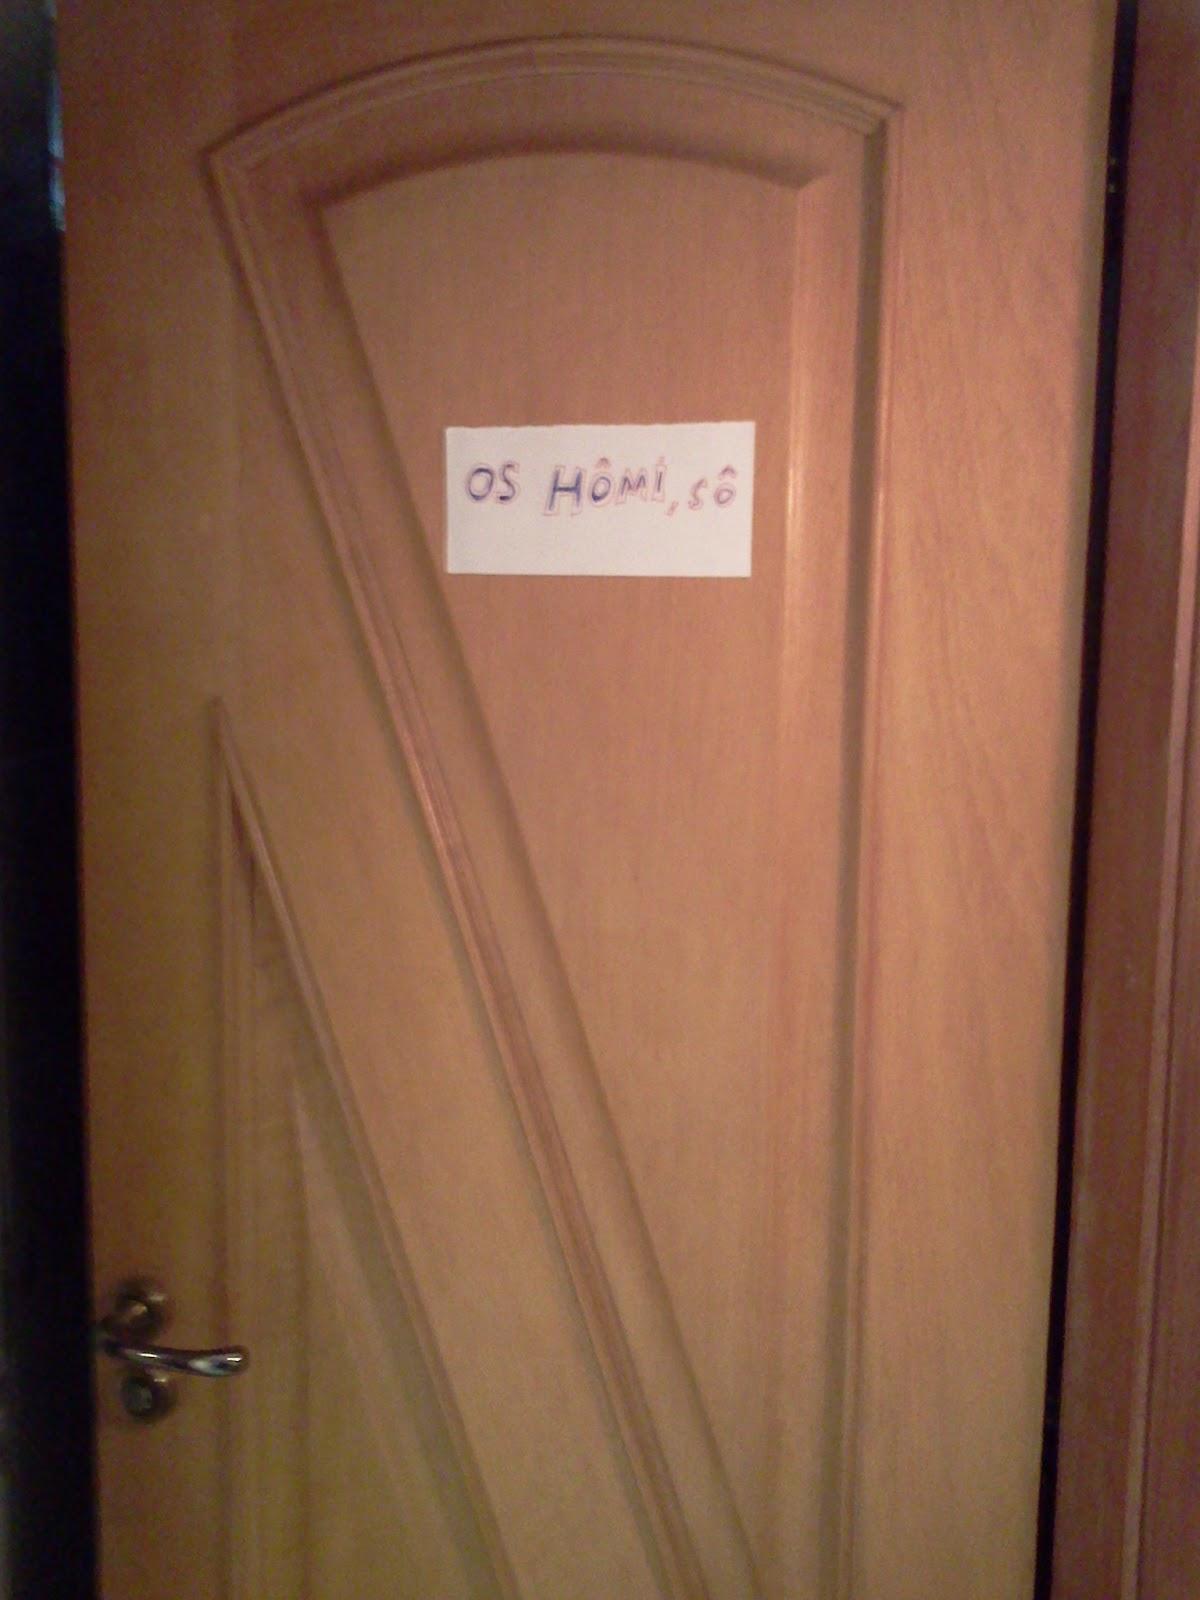 se está entrando na porta certa um aviso de os 'hômi' sô #8E563D 1200x1600 Aviso De Banheiro Entupido